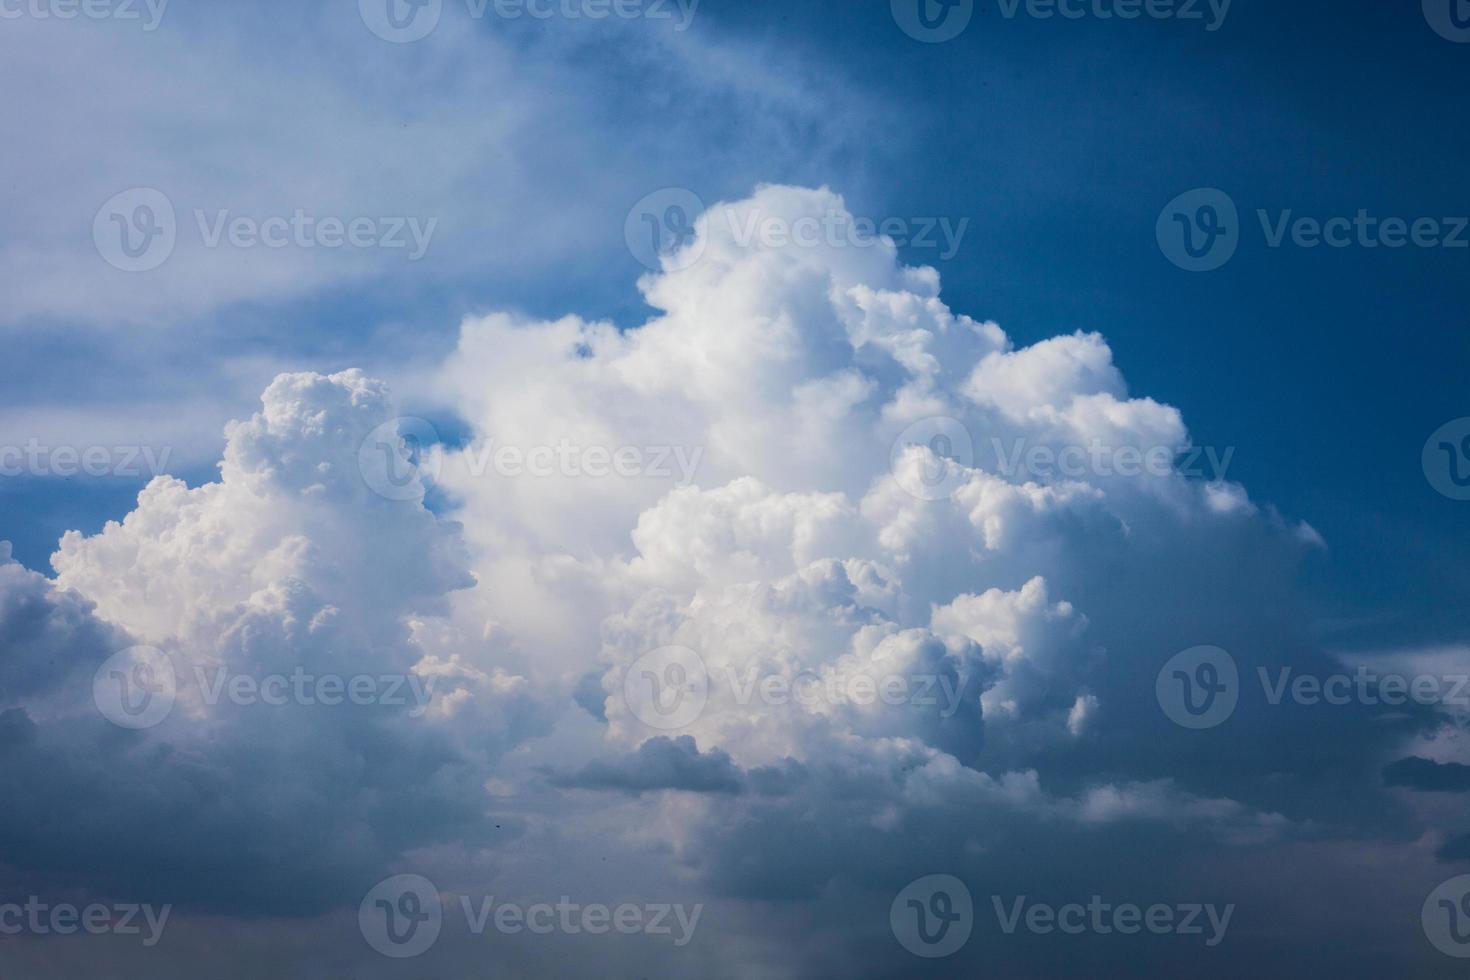 koning van de wolken aan de hemel foto